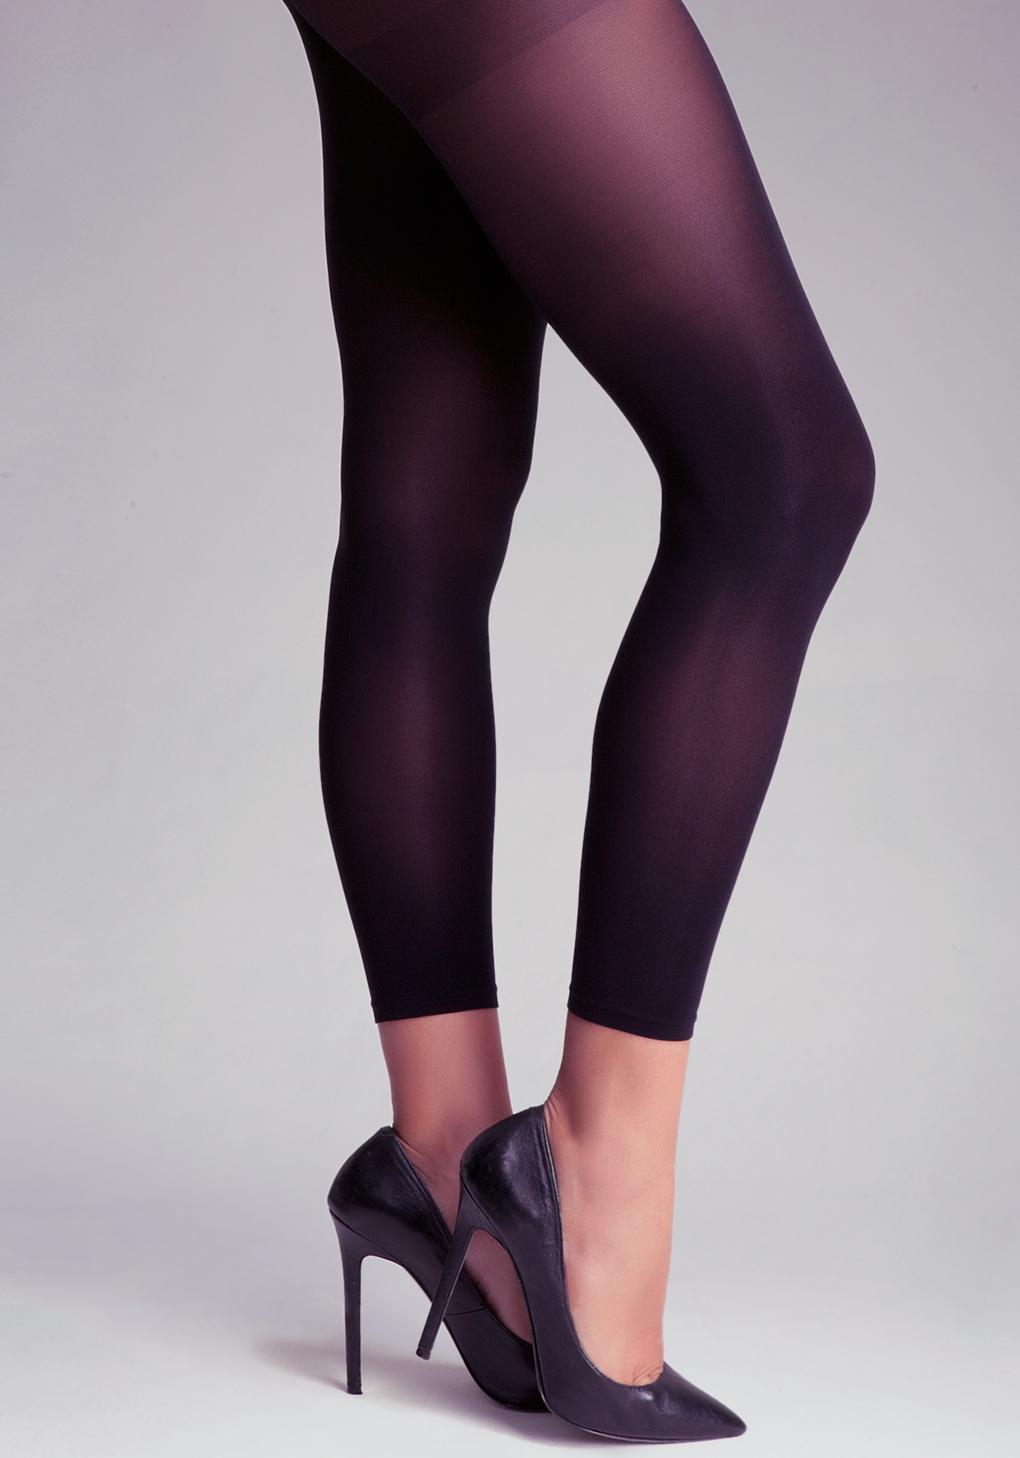 realeskorte latex tights